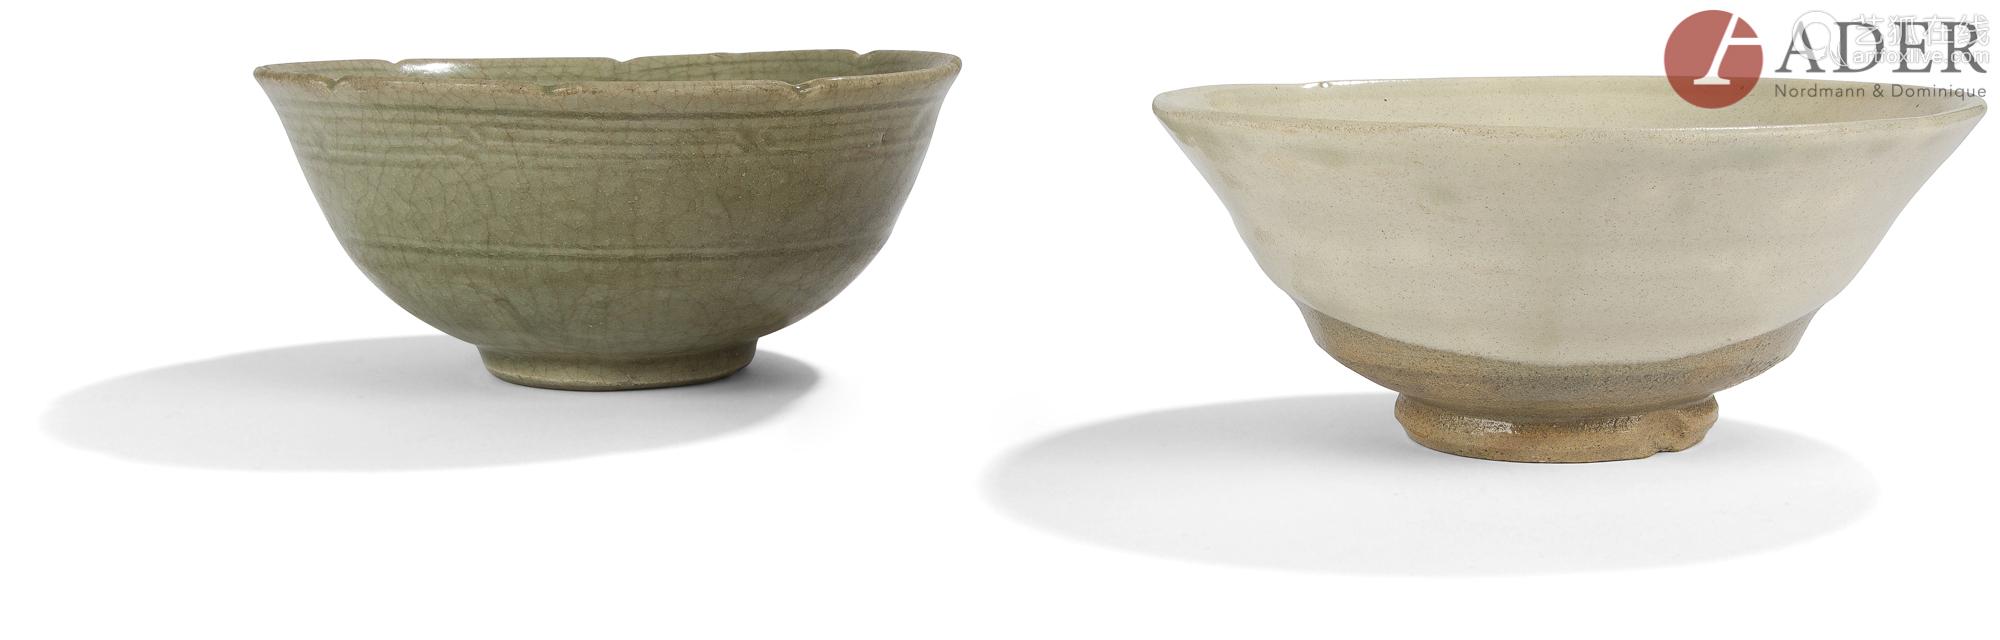 JAPON et THAÏLANDE - XXe siècle Deux bols évasés en grès, l'un gris émaillé de manière irrégulière